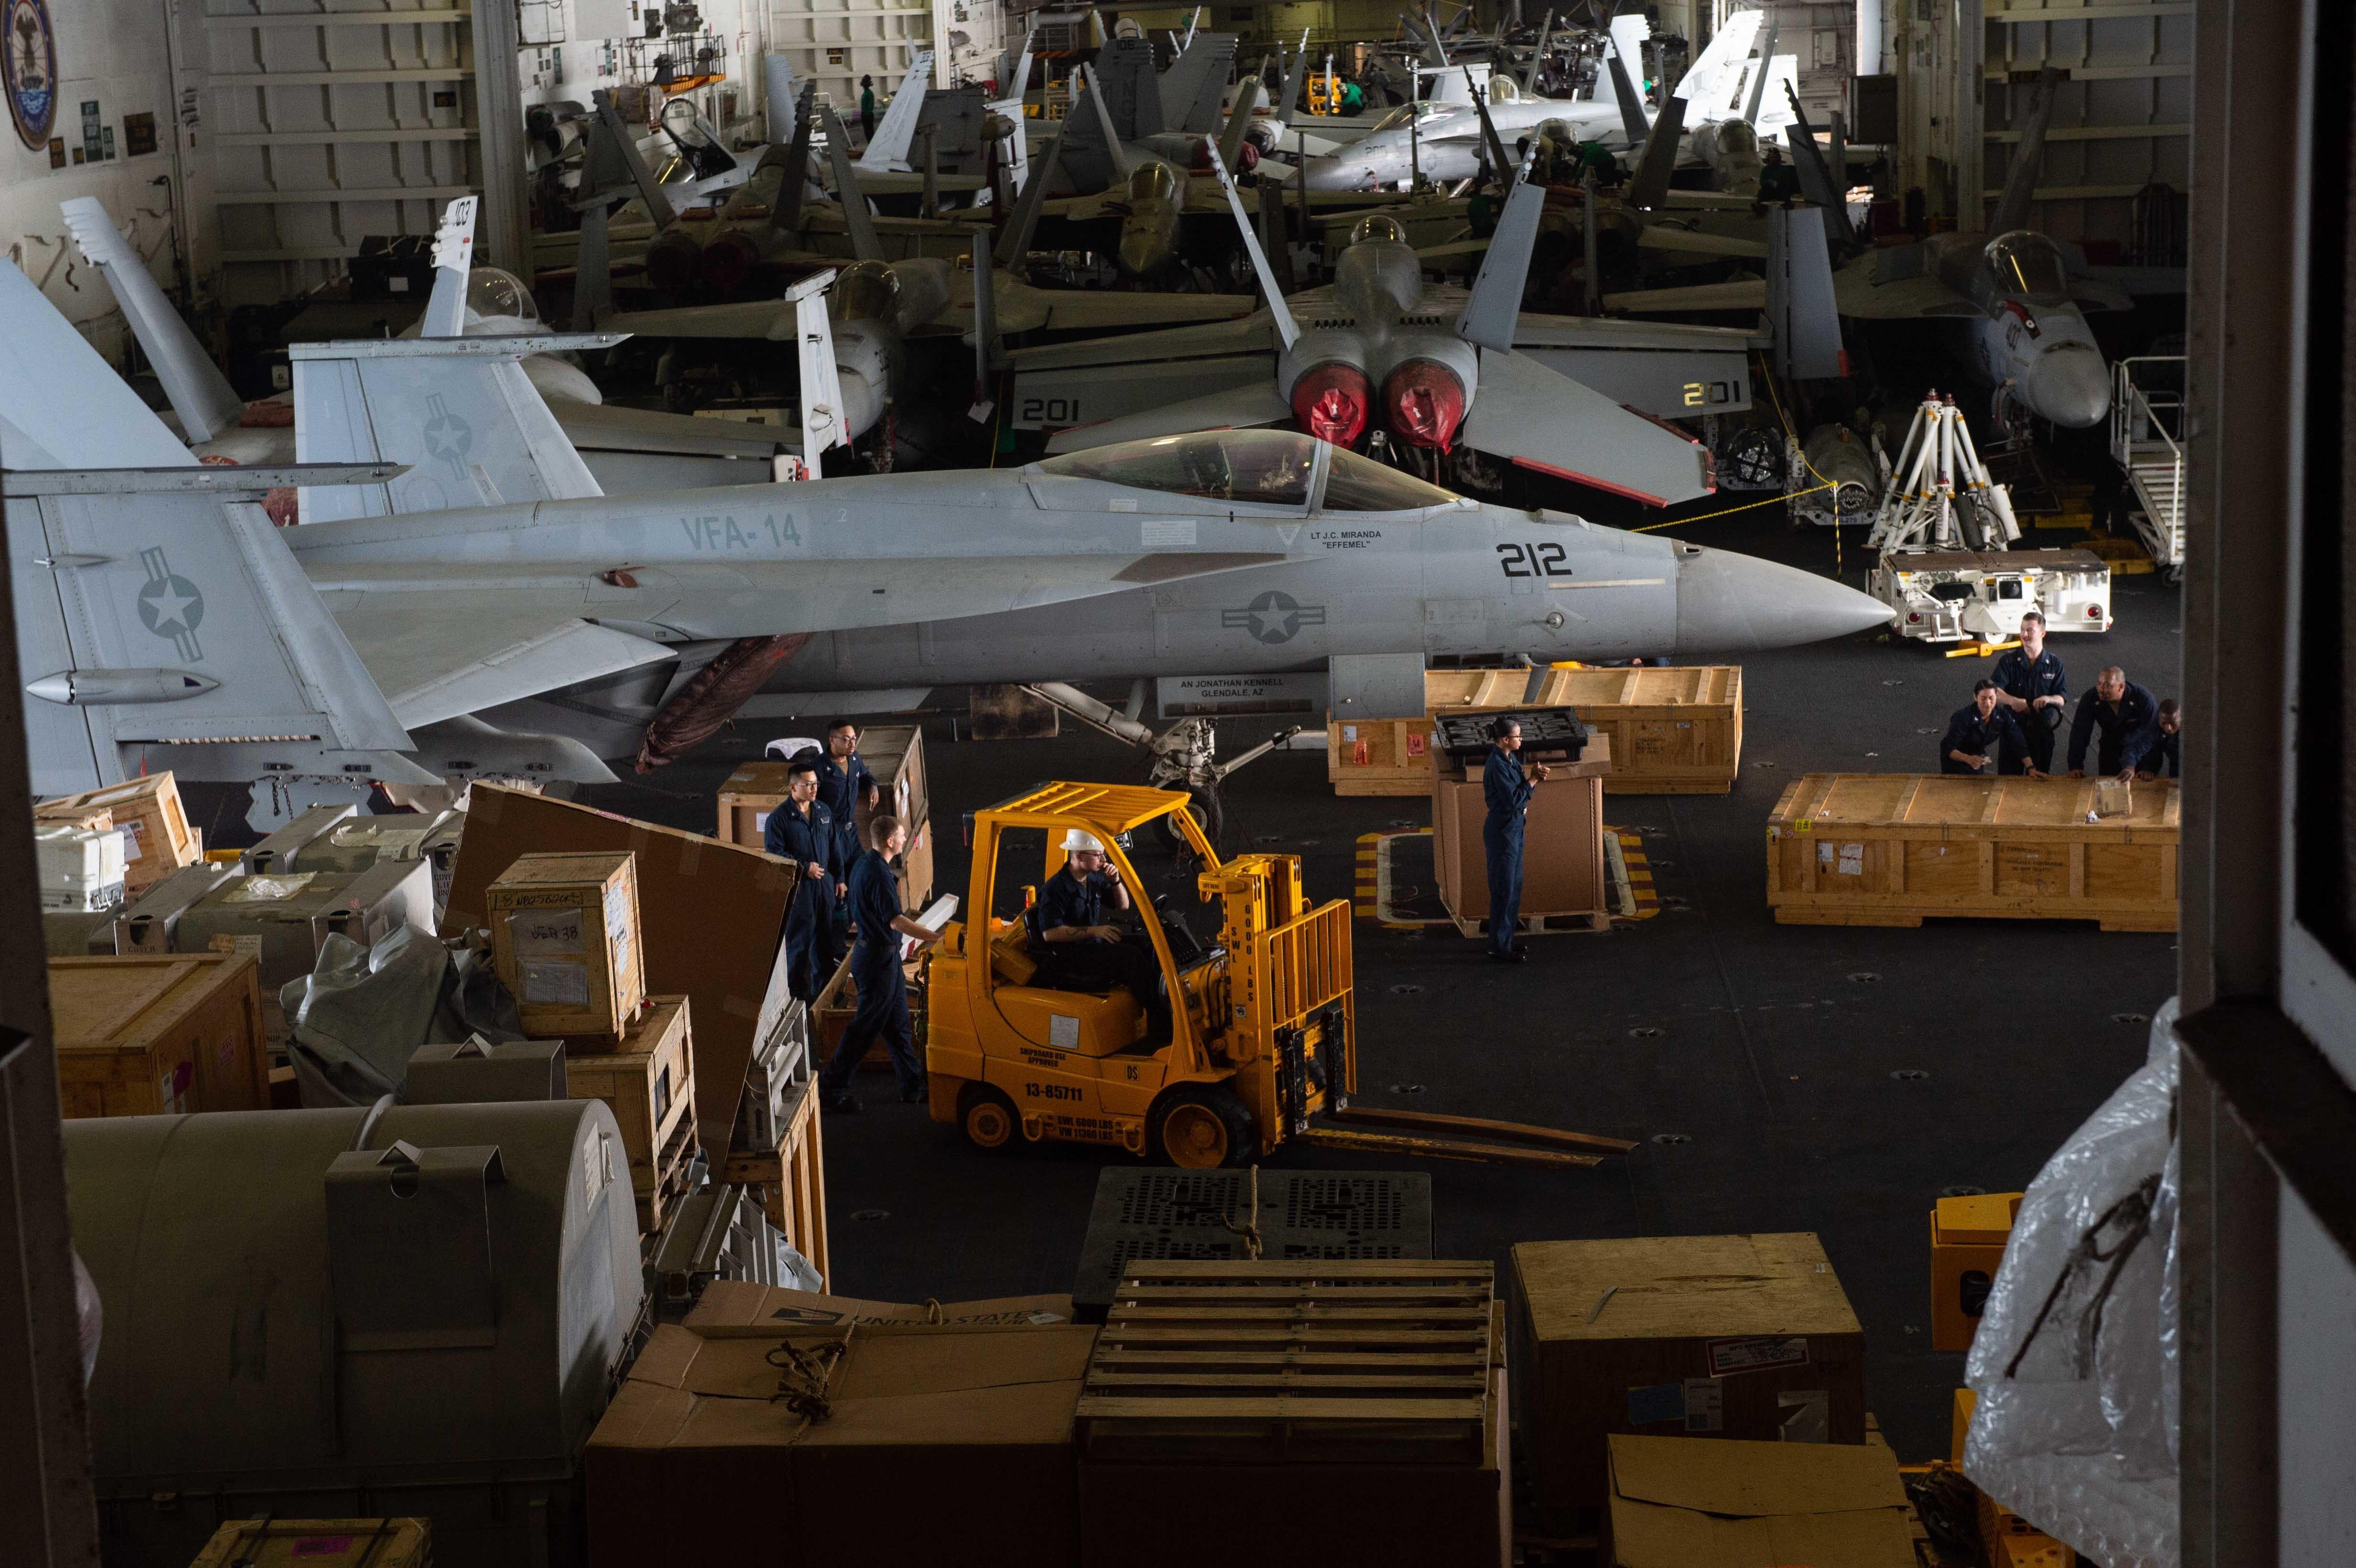 Оперативная сводка по дислокации ВМС США на 10 апреля. КОН повышается - в море 5 авианосцев...